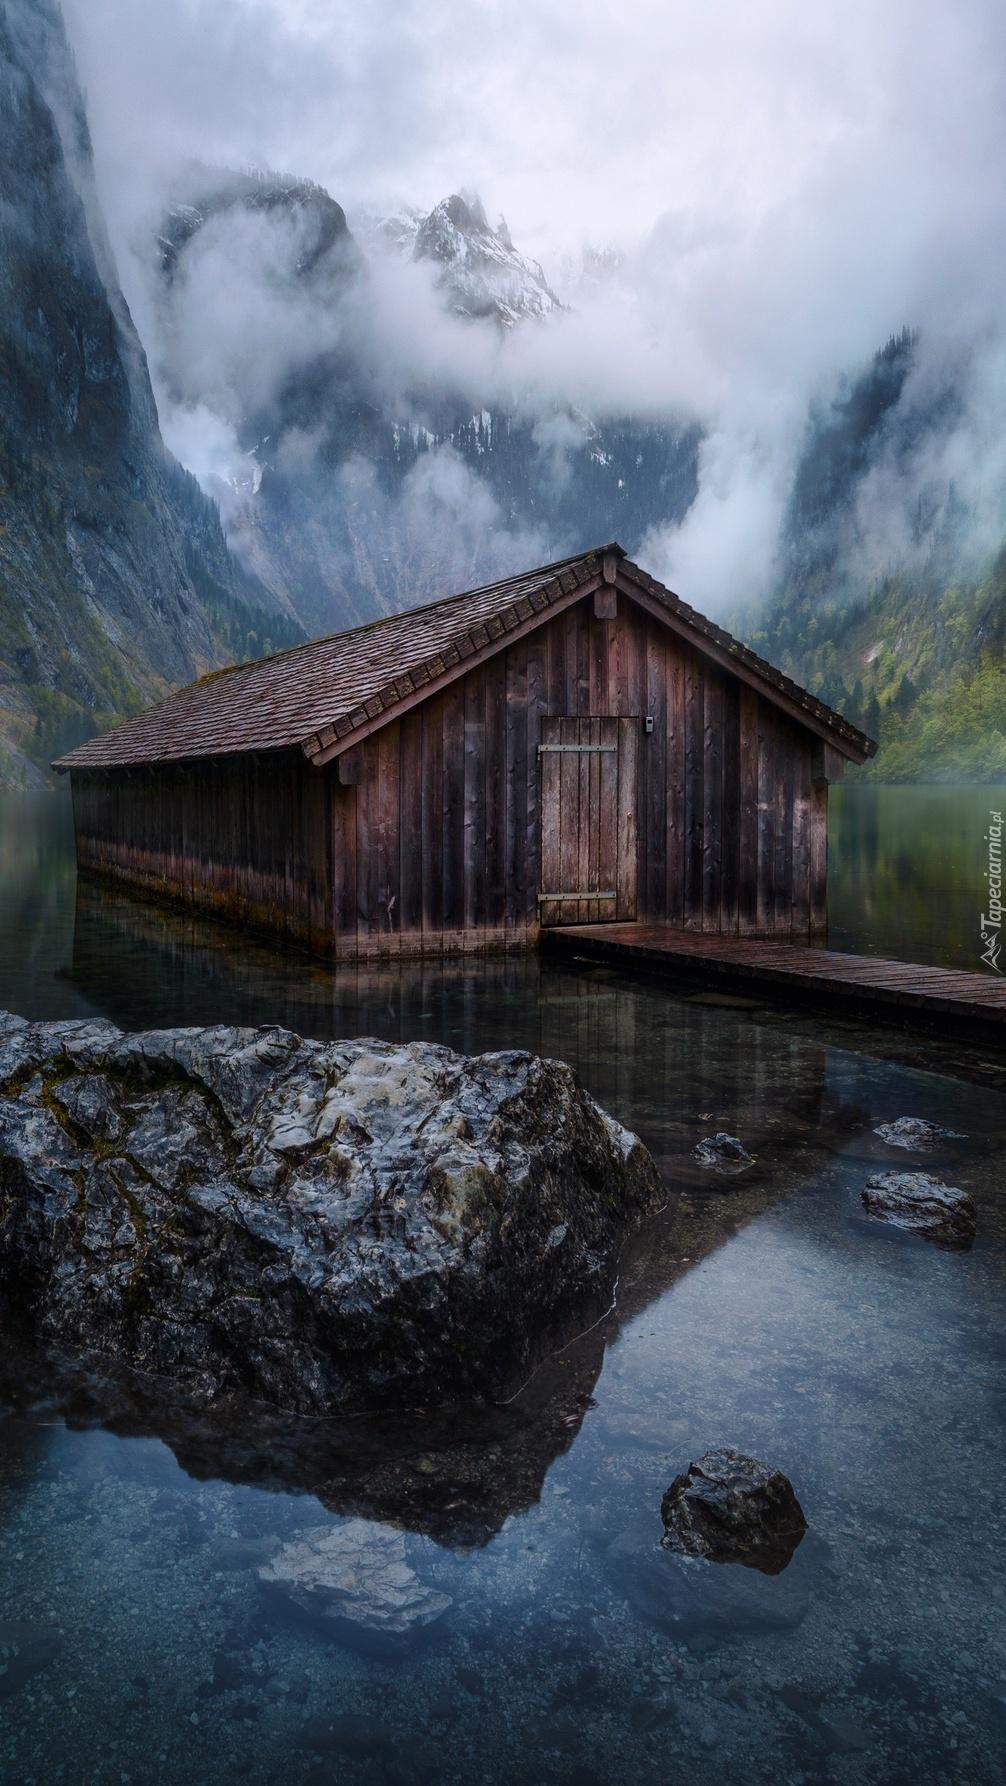 Domek na jeziorze we mgle